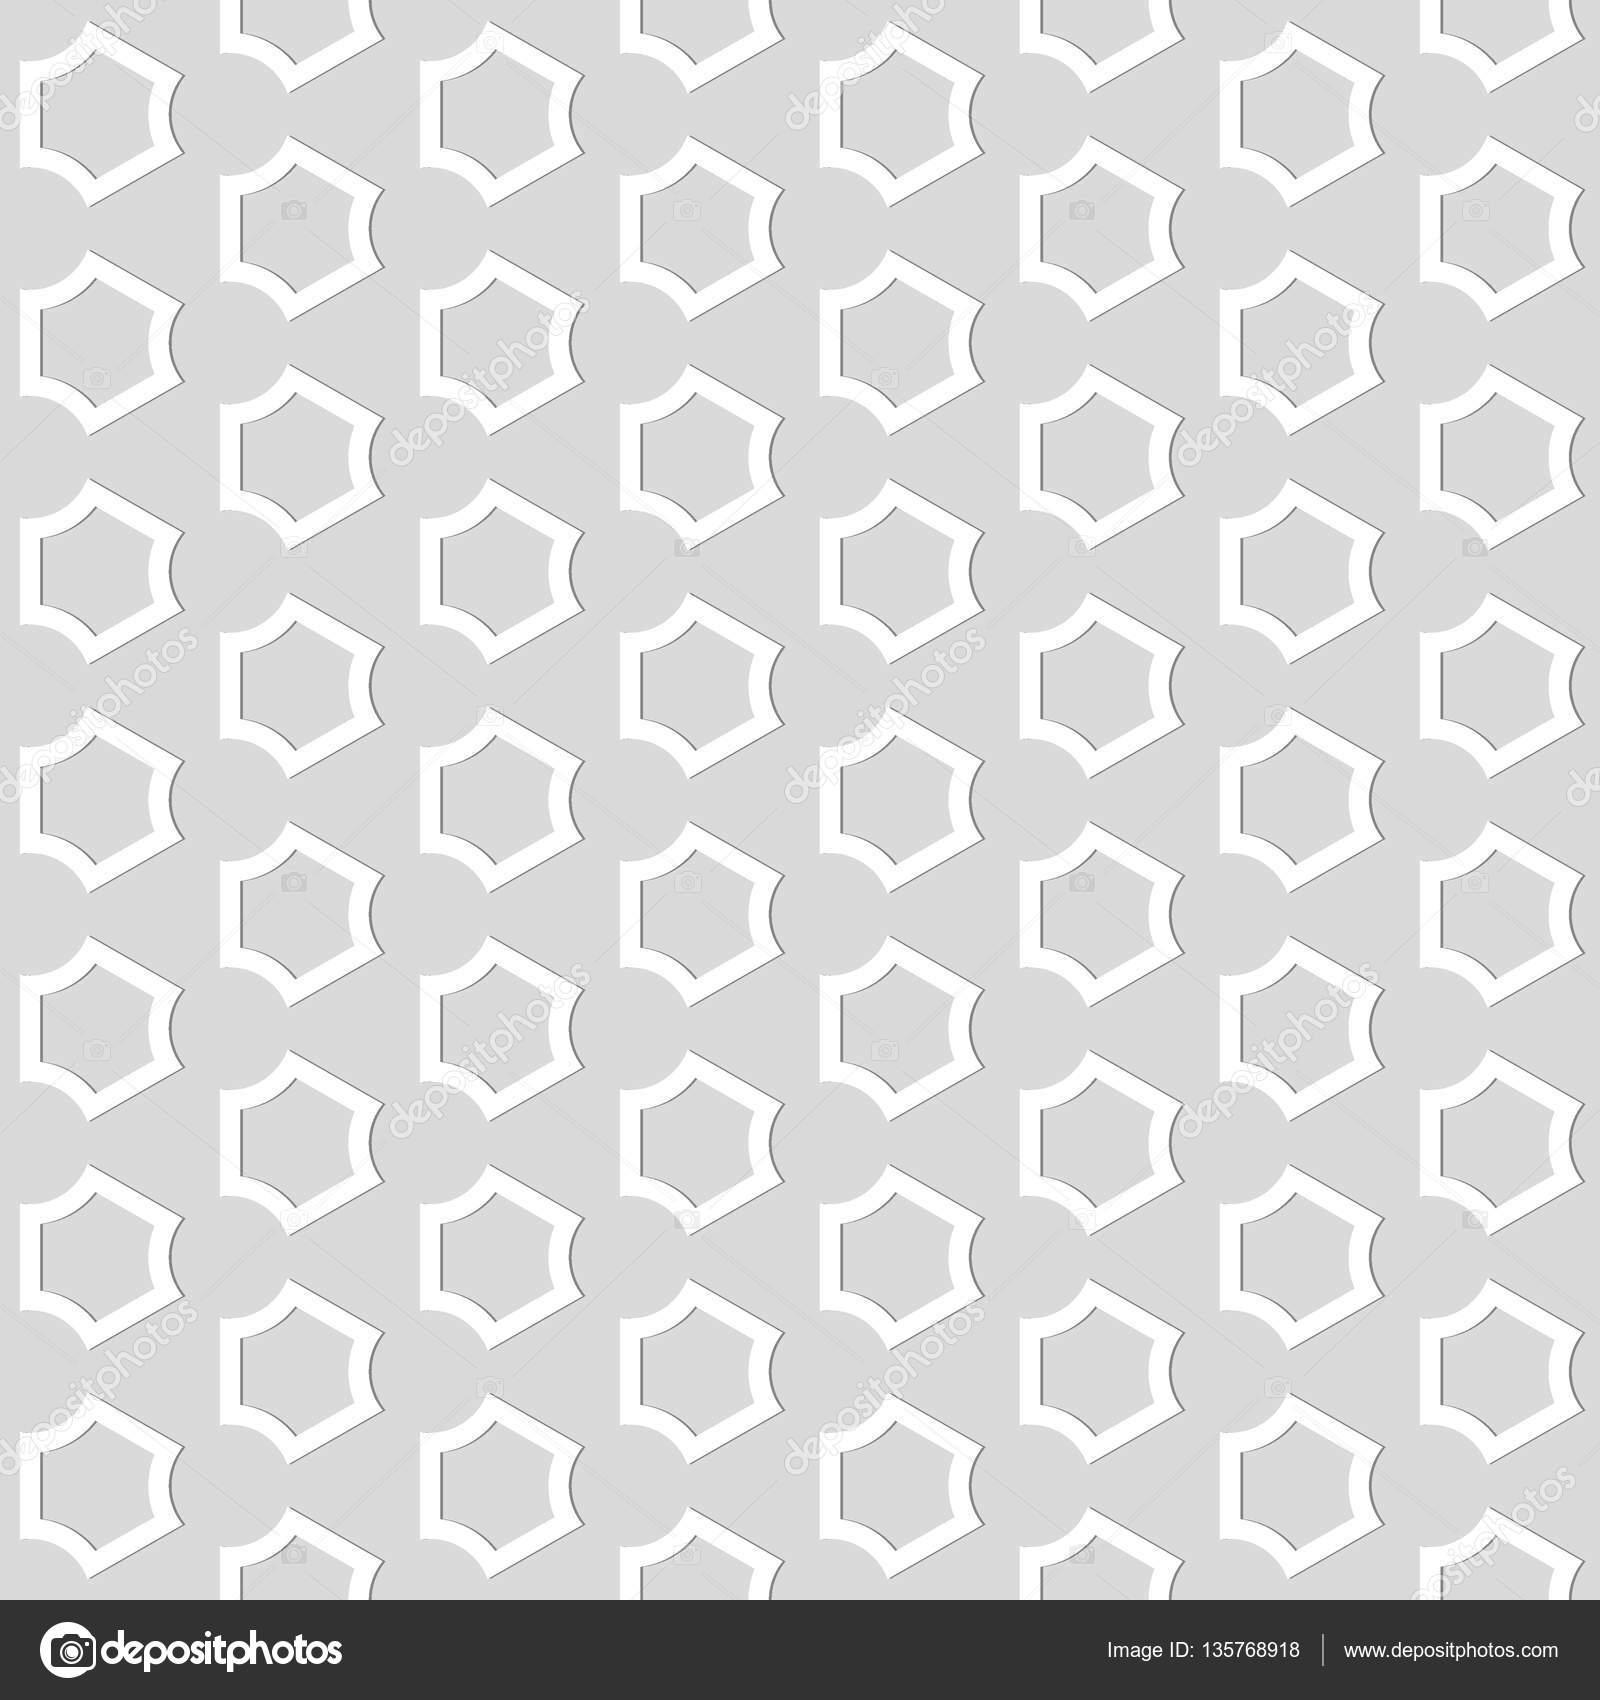 Nahtlose Muster Formen Zusammenfassung Hintergrund Stockvektor